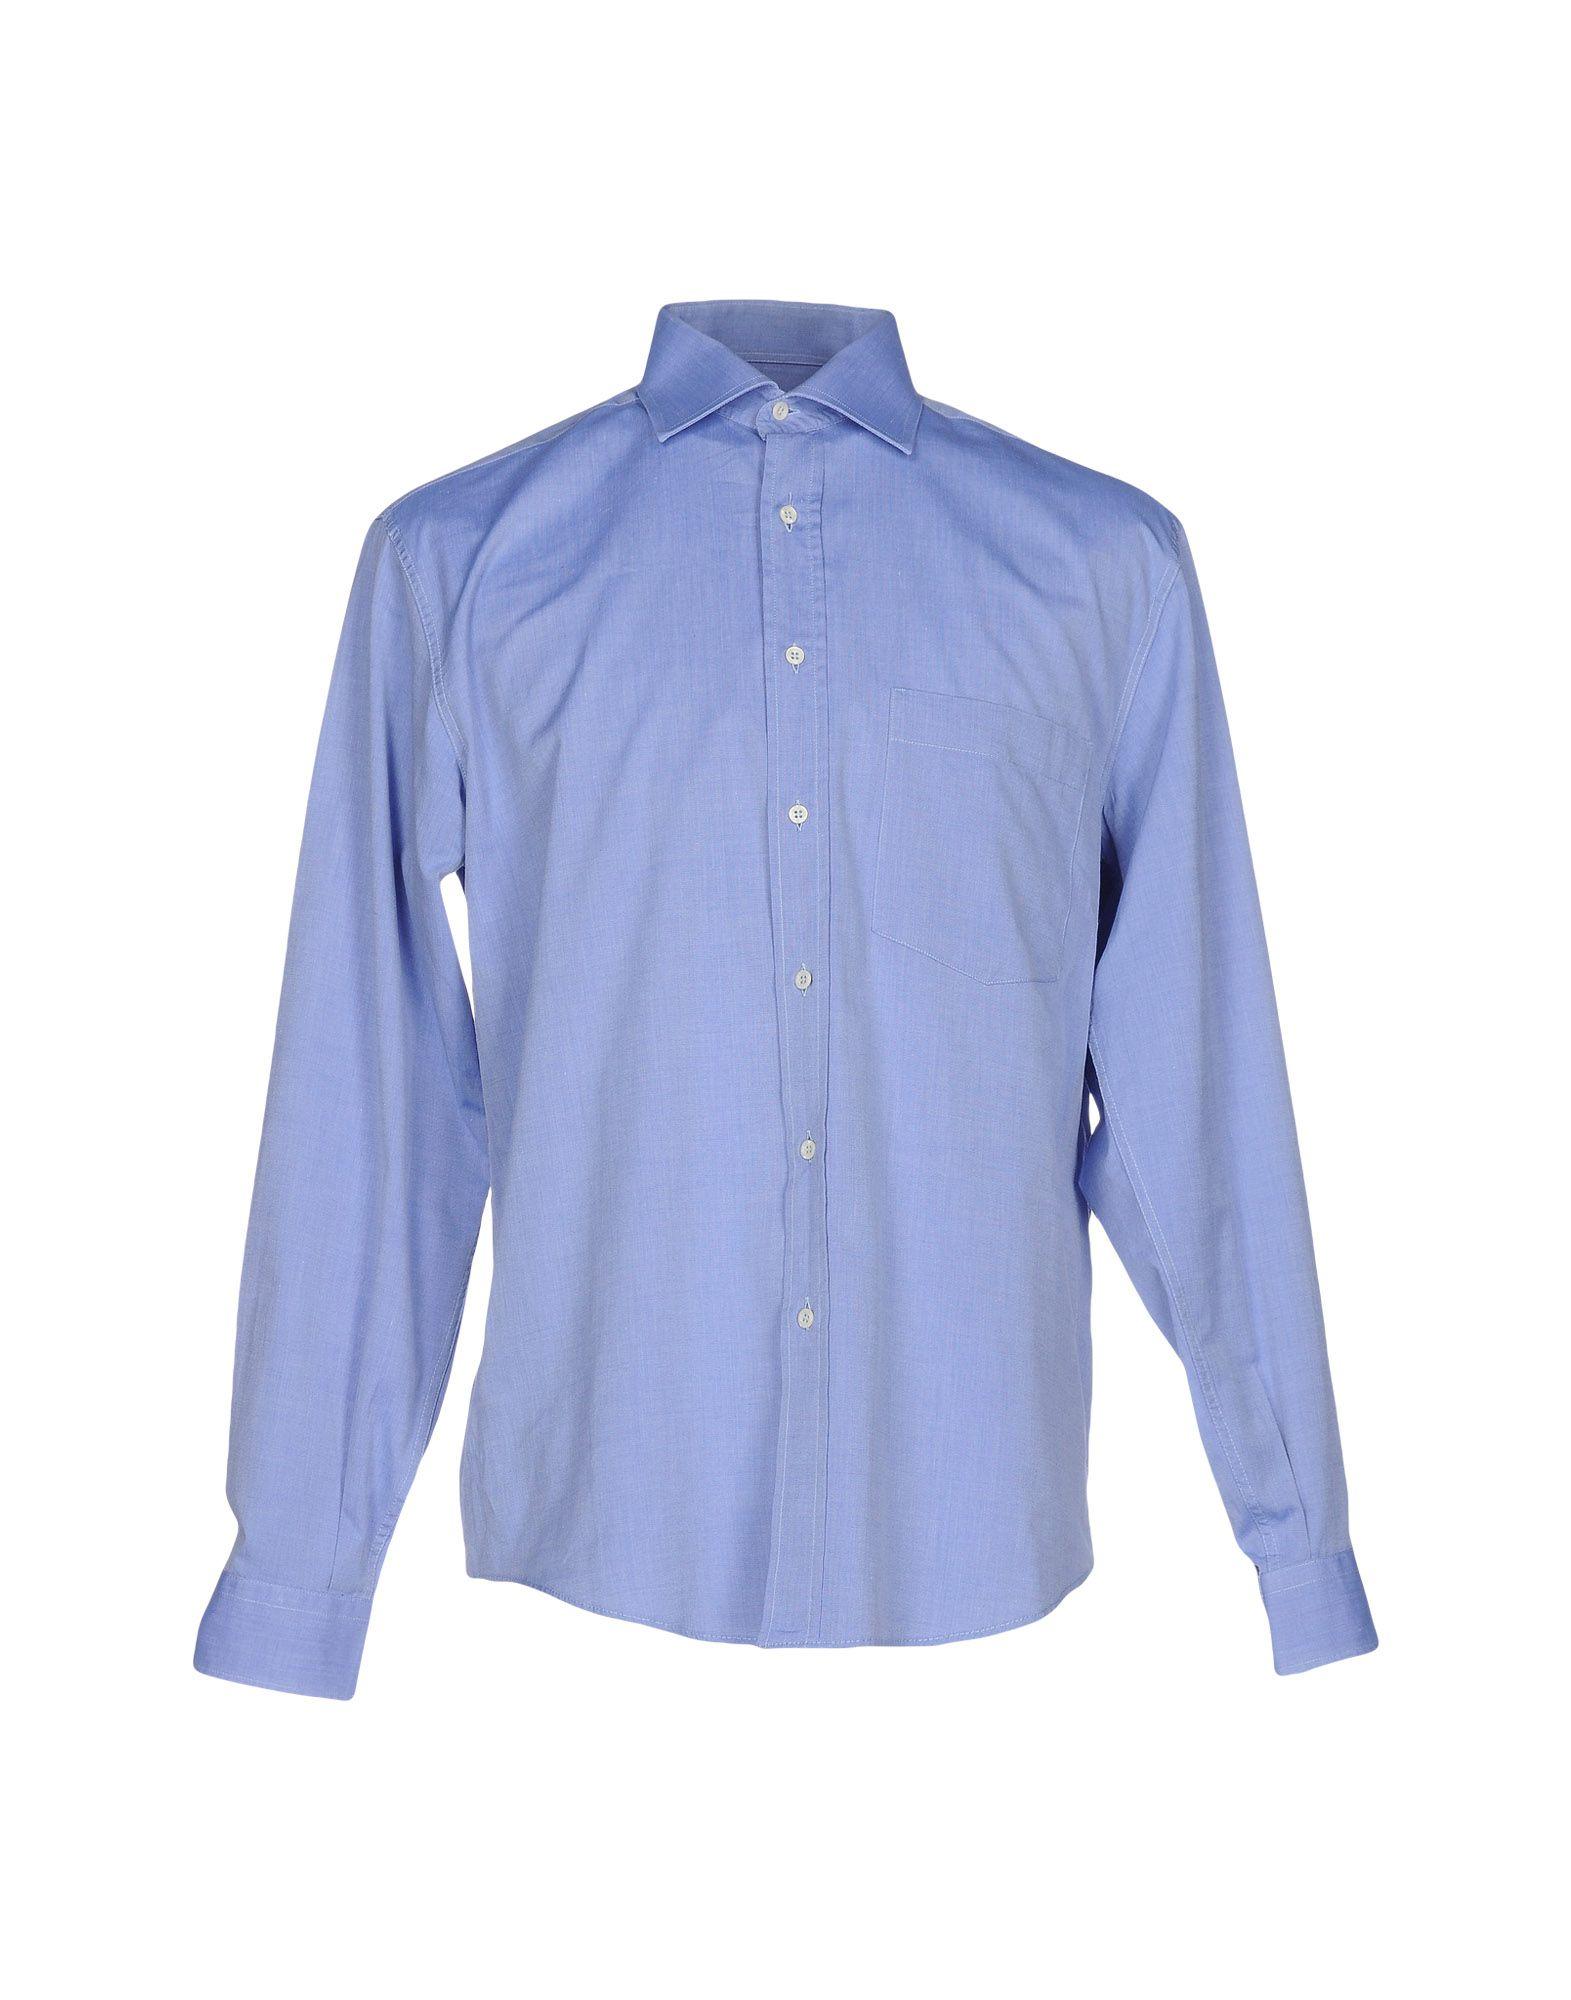 《期間限定セール中》P.M.&C. メンズ シャツ アジュールブルー 41 コットン 100%